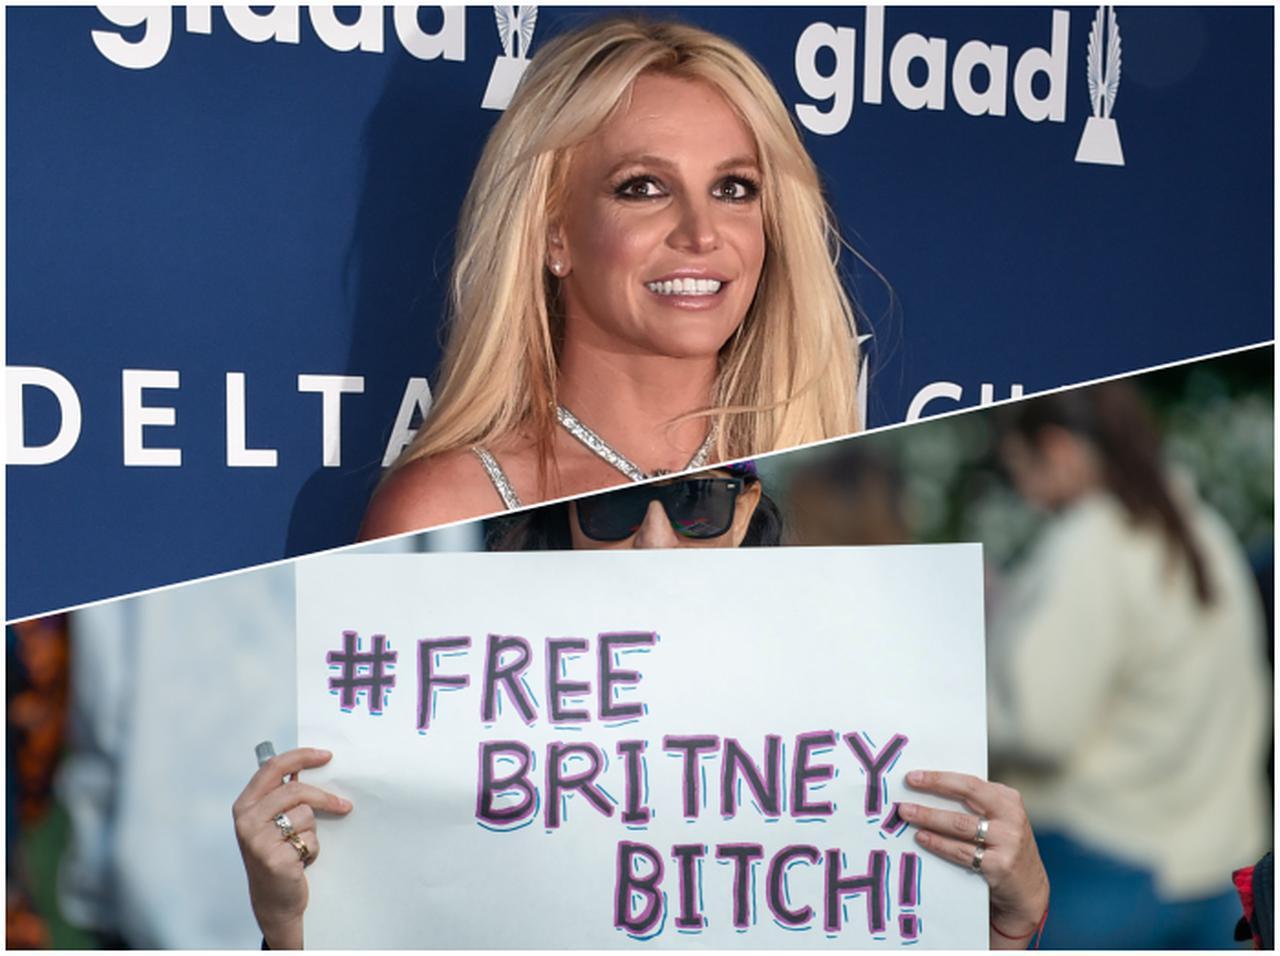 画像: ブリトニー・スピアーズ、父親からの解放は「#FreeBritney」運動のおかげとファンに感謝 - フロントロウ -海外セレブ&海外カルチャー情報を発信